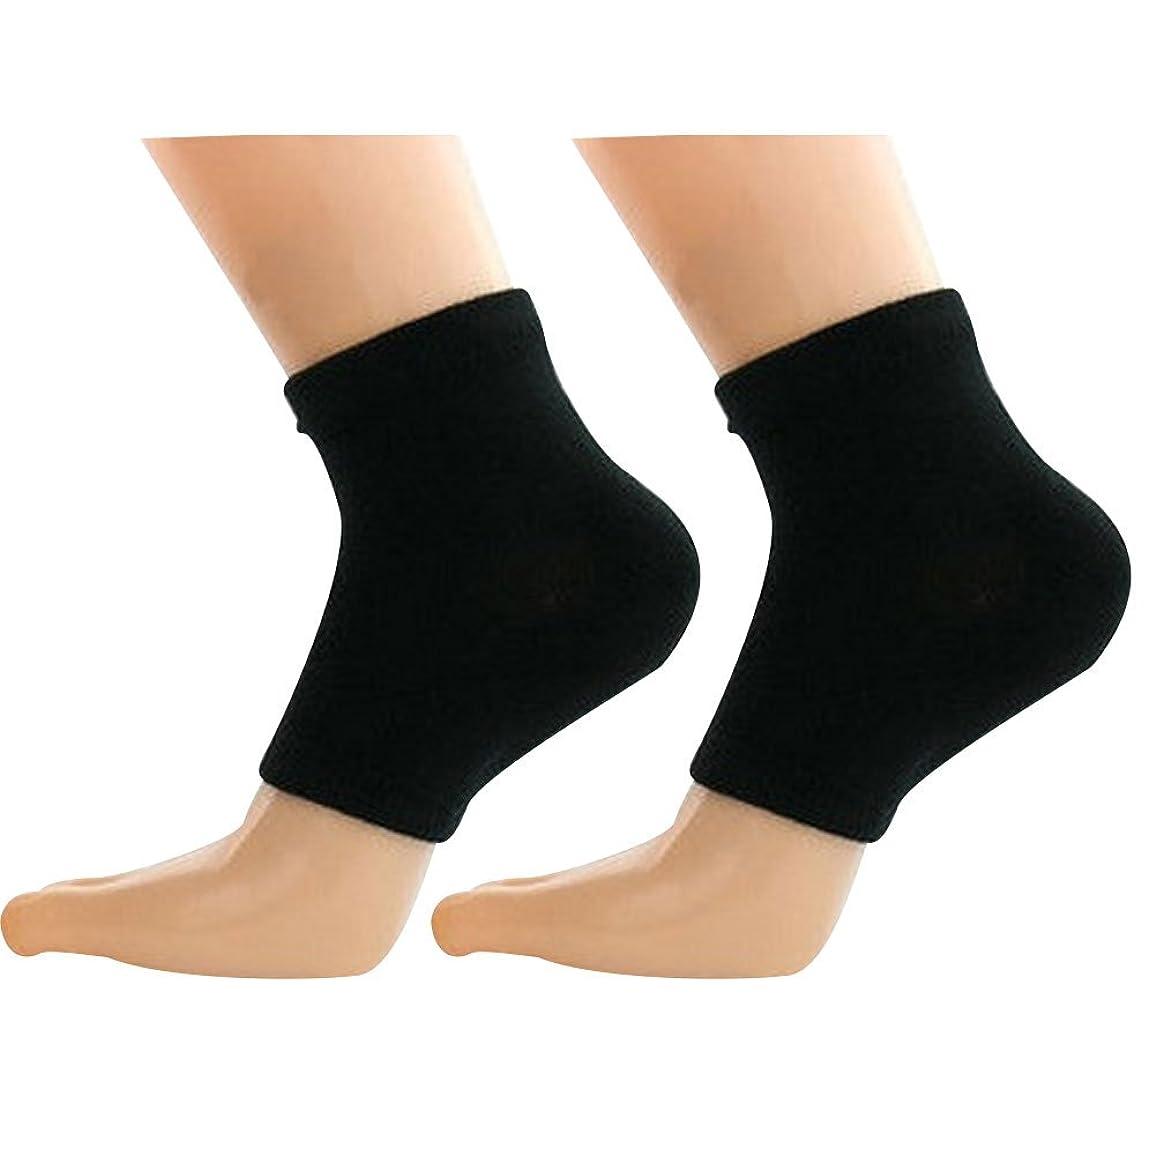 経験倫理塊QIAONAI レディース用 メンズ用 踵用カバー かかと 靴下 かかと ケア つるつる すべすべ 靴下 ソックス 角質ケア 保湿 角質除去 足ケア かかと 靴下 足首用サポーター  フリーサイズ (ブラック)